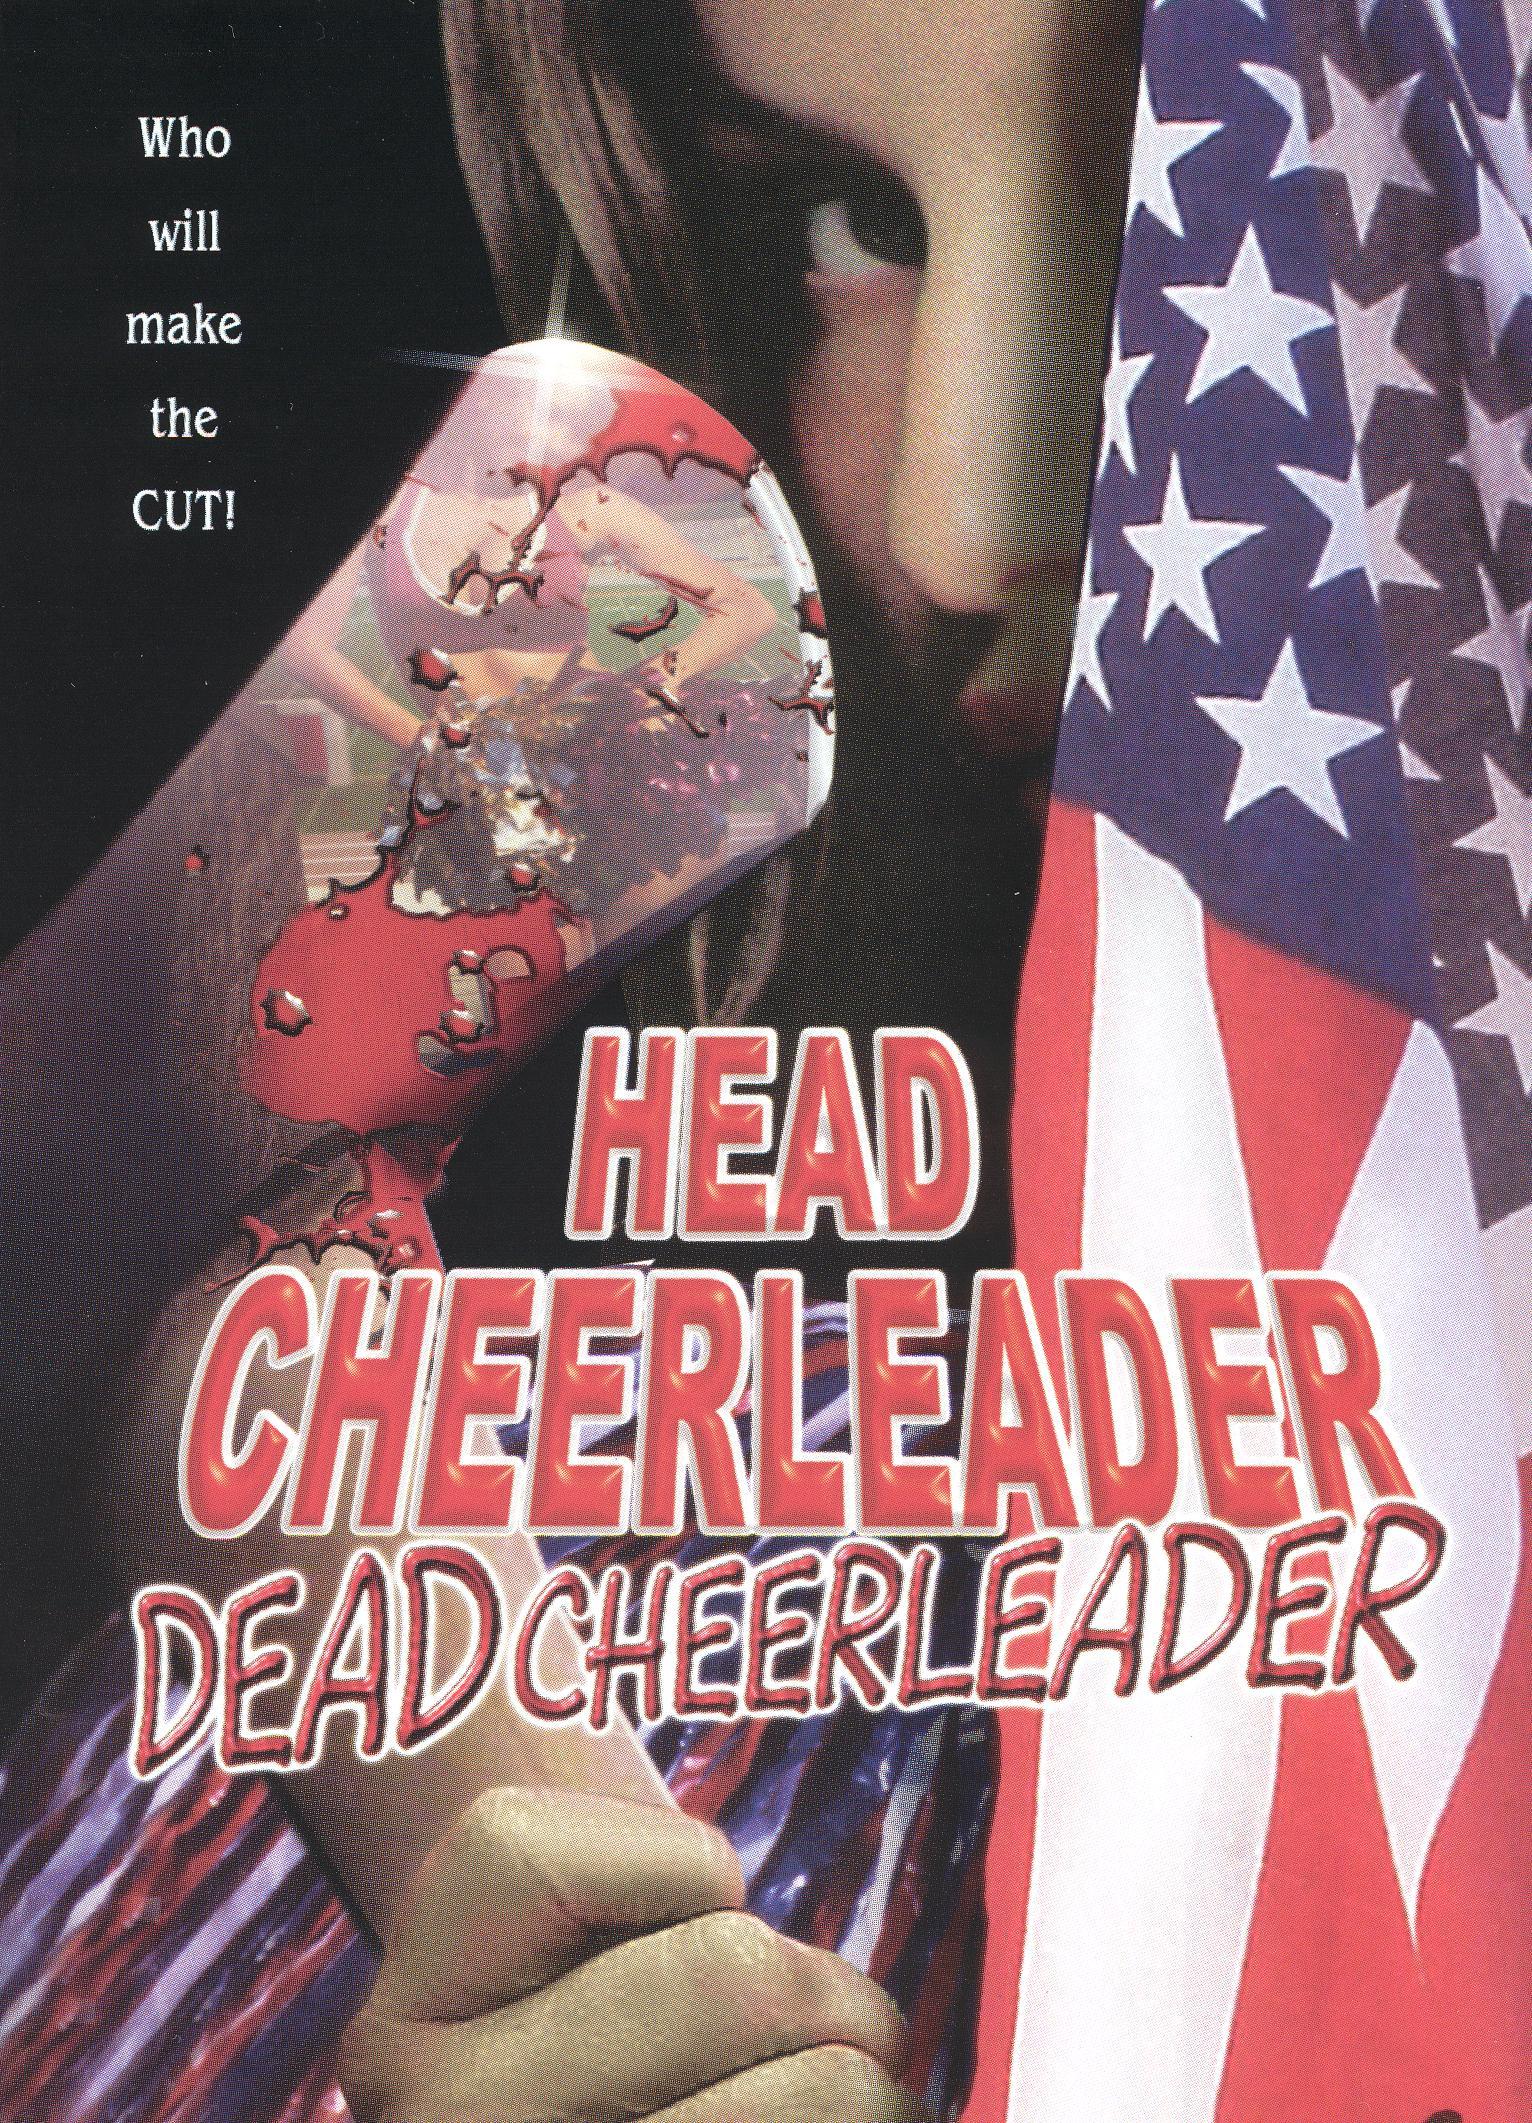 Head Cheerleader Dead Cheerleader